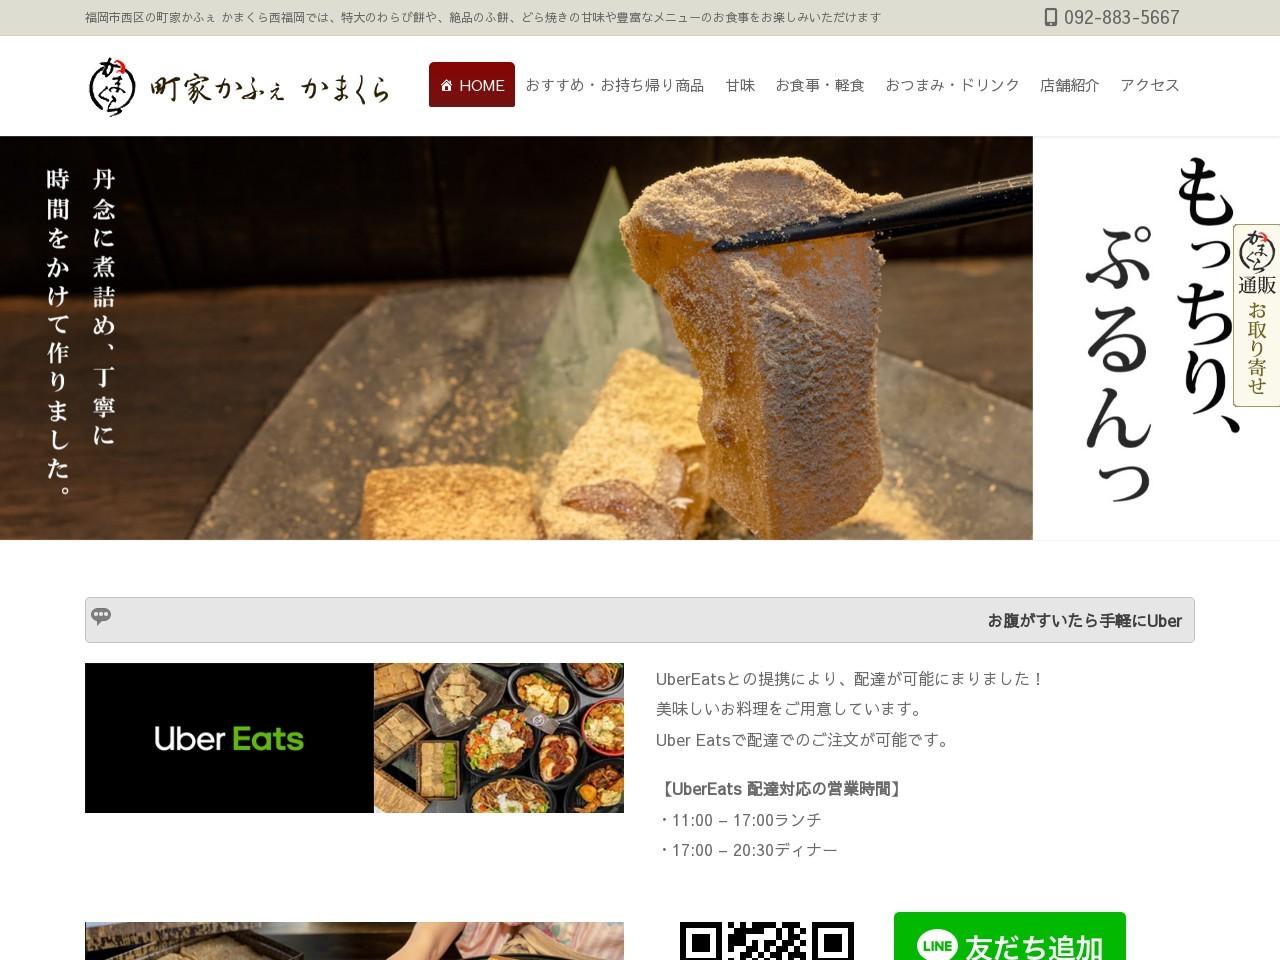 町屋かふぇかまくら西福岡店